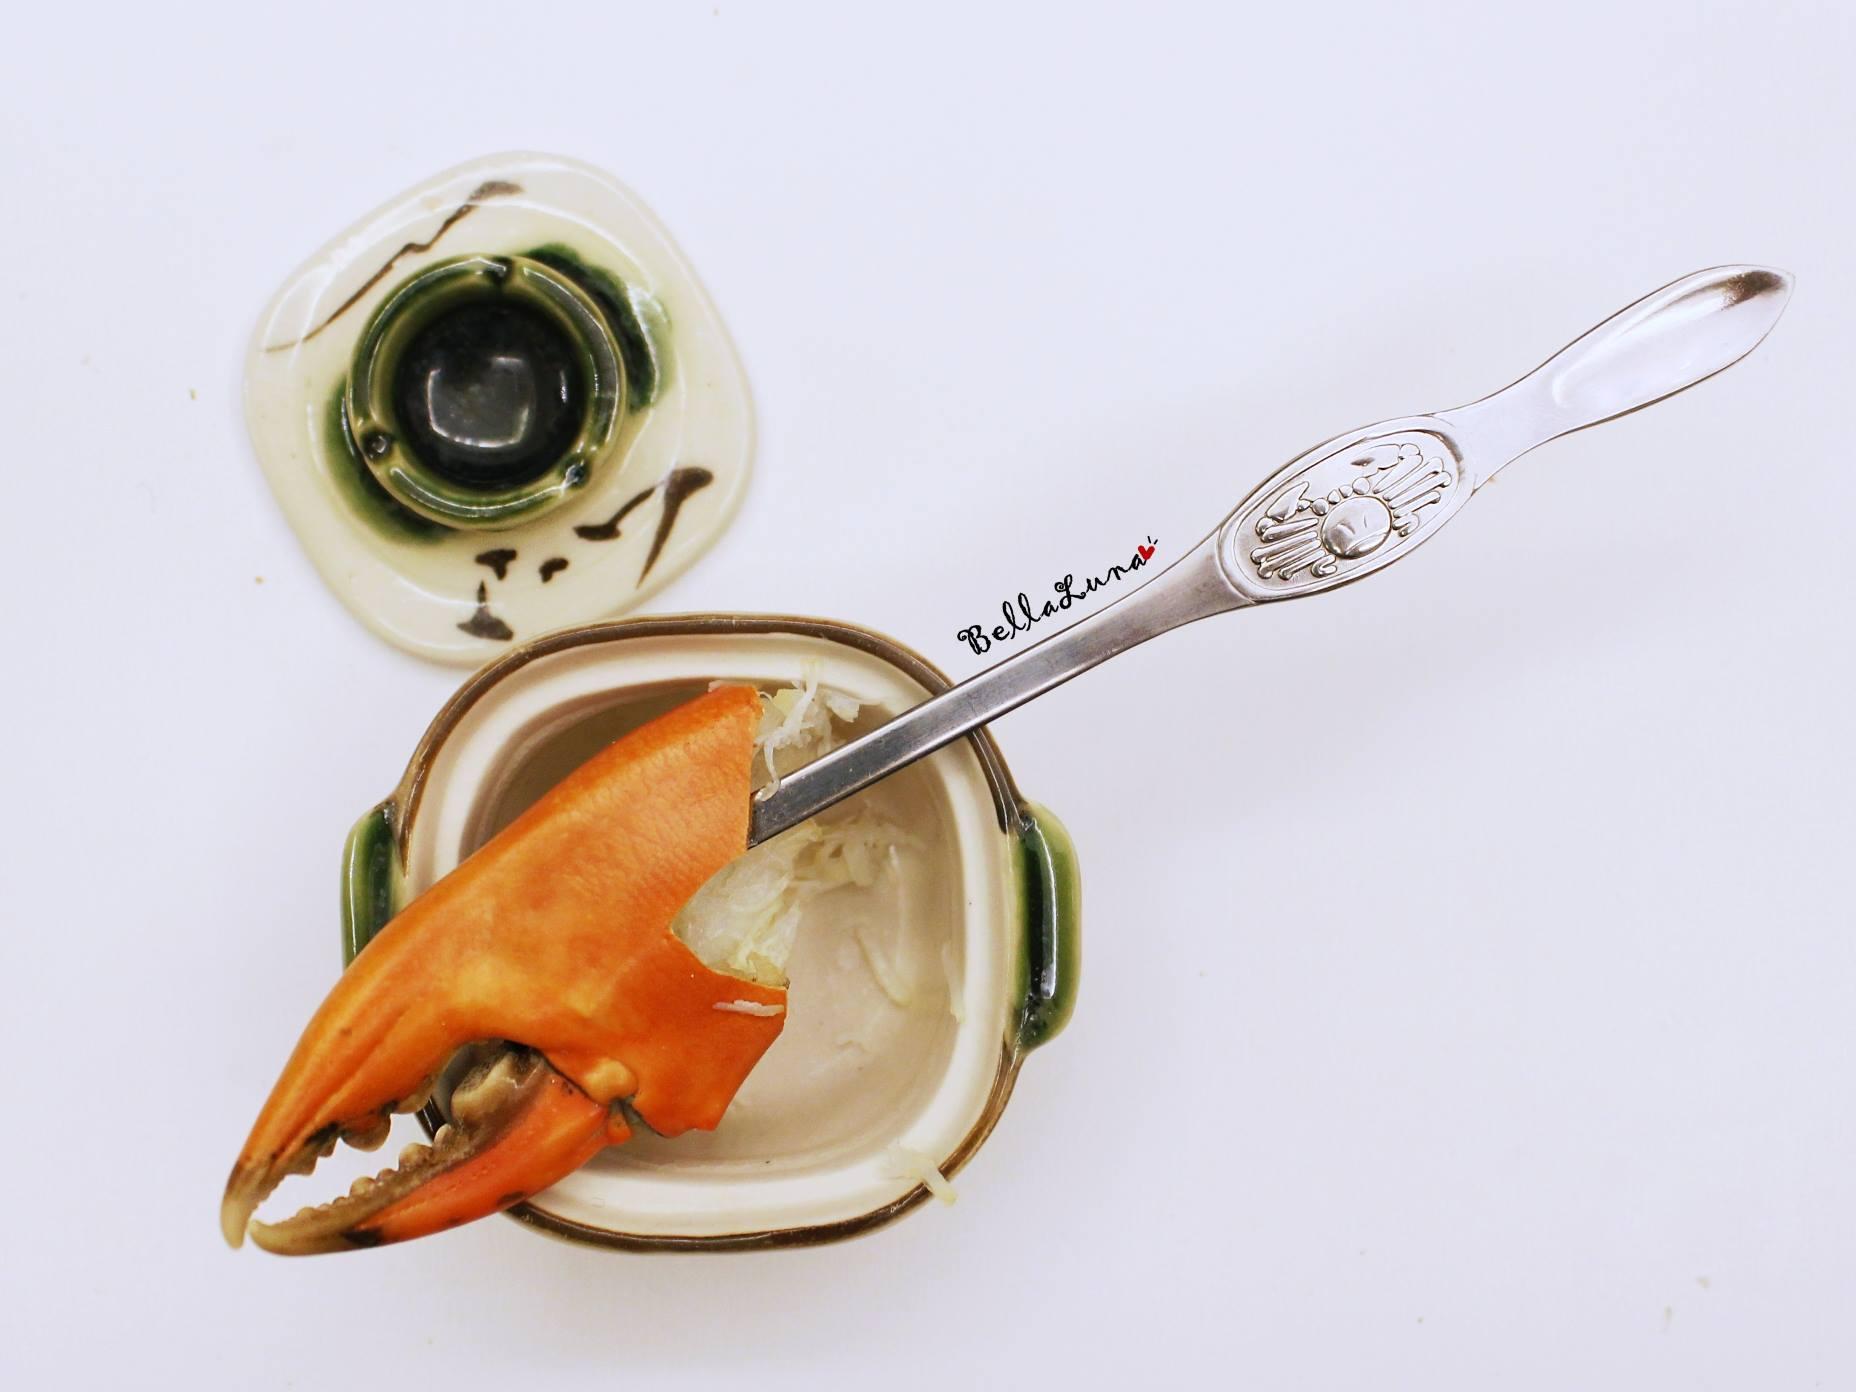 串飯糰 14.jpg